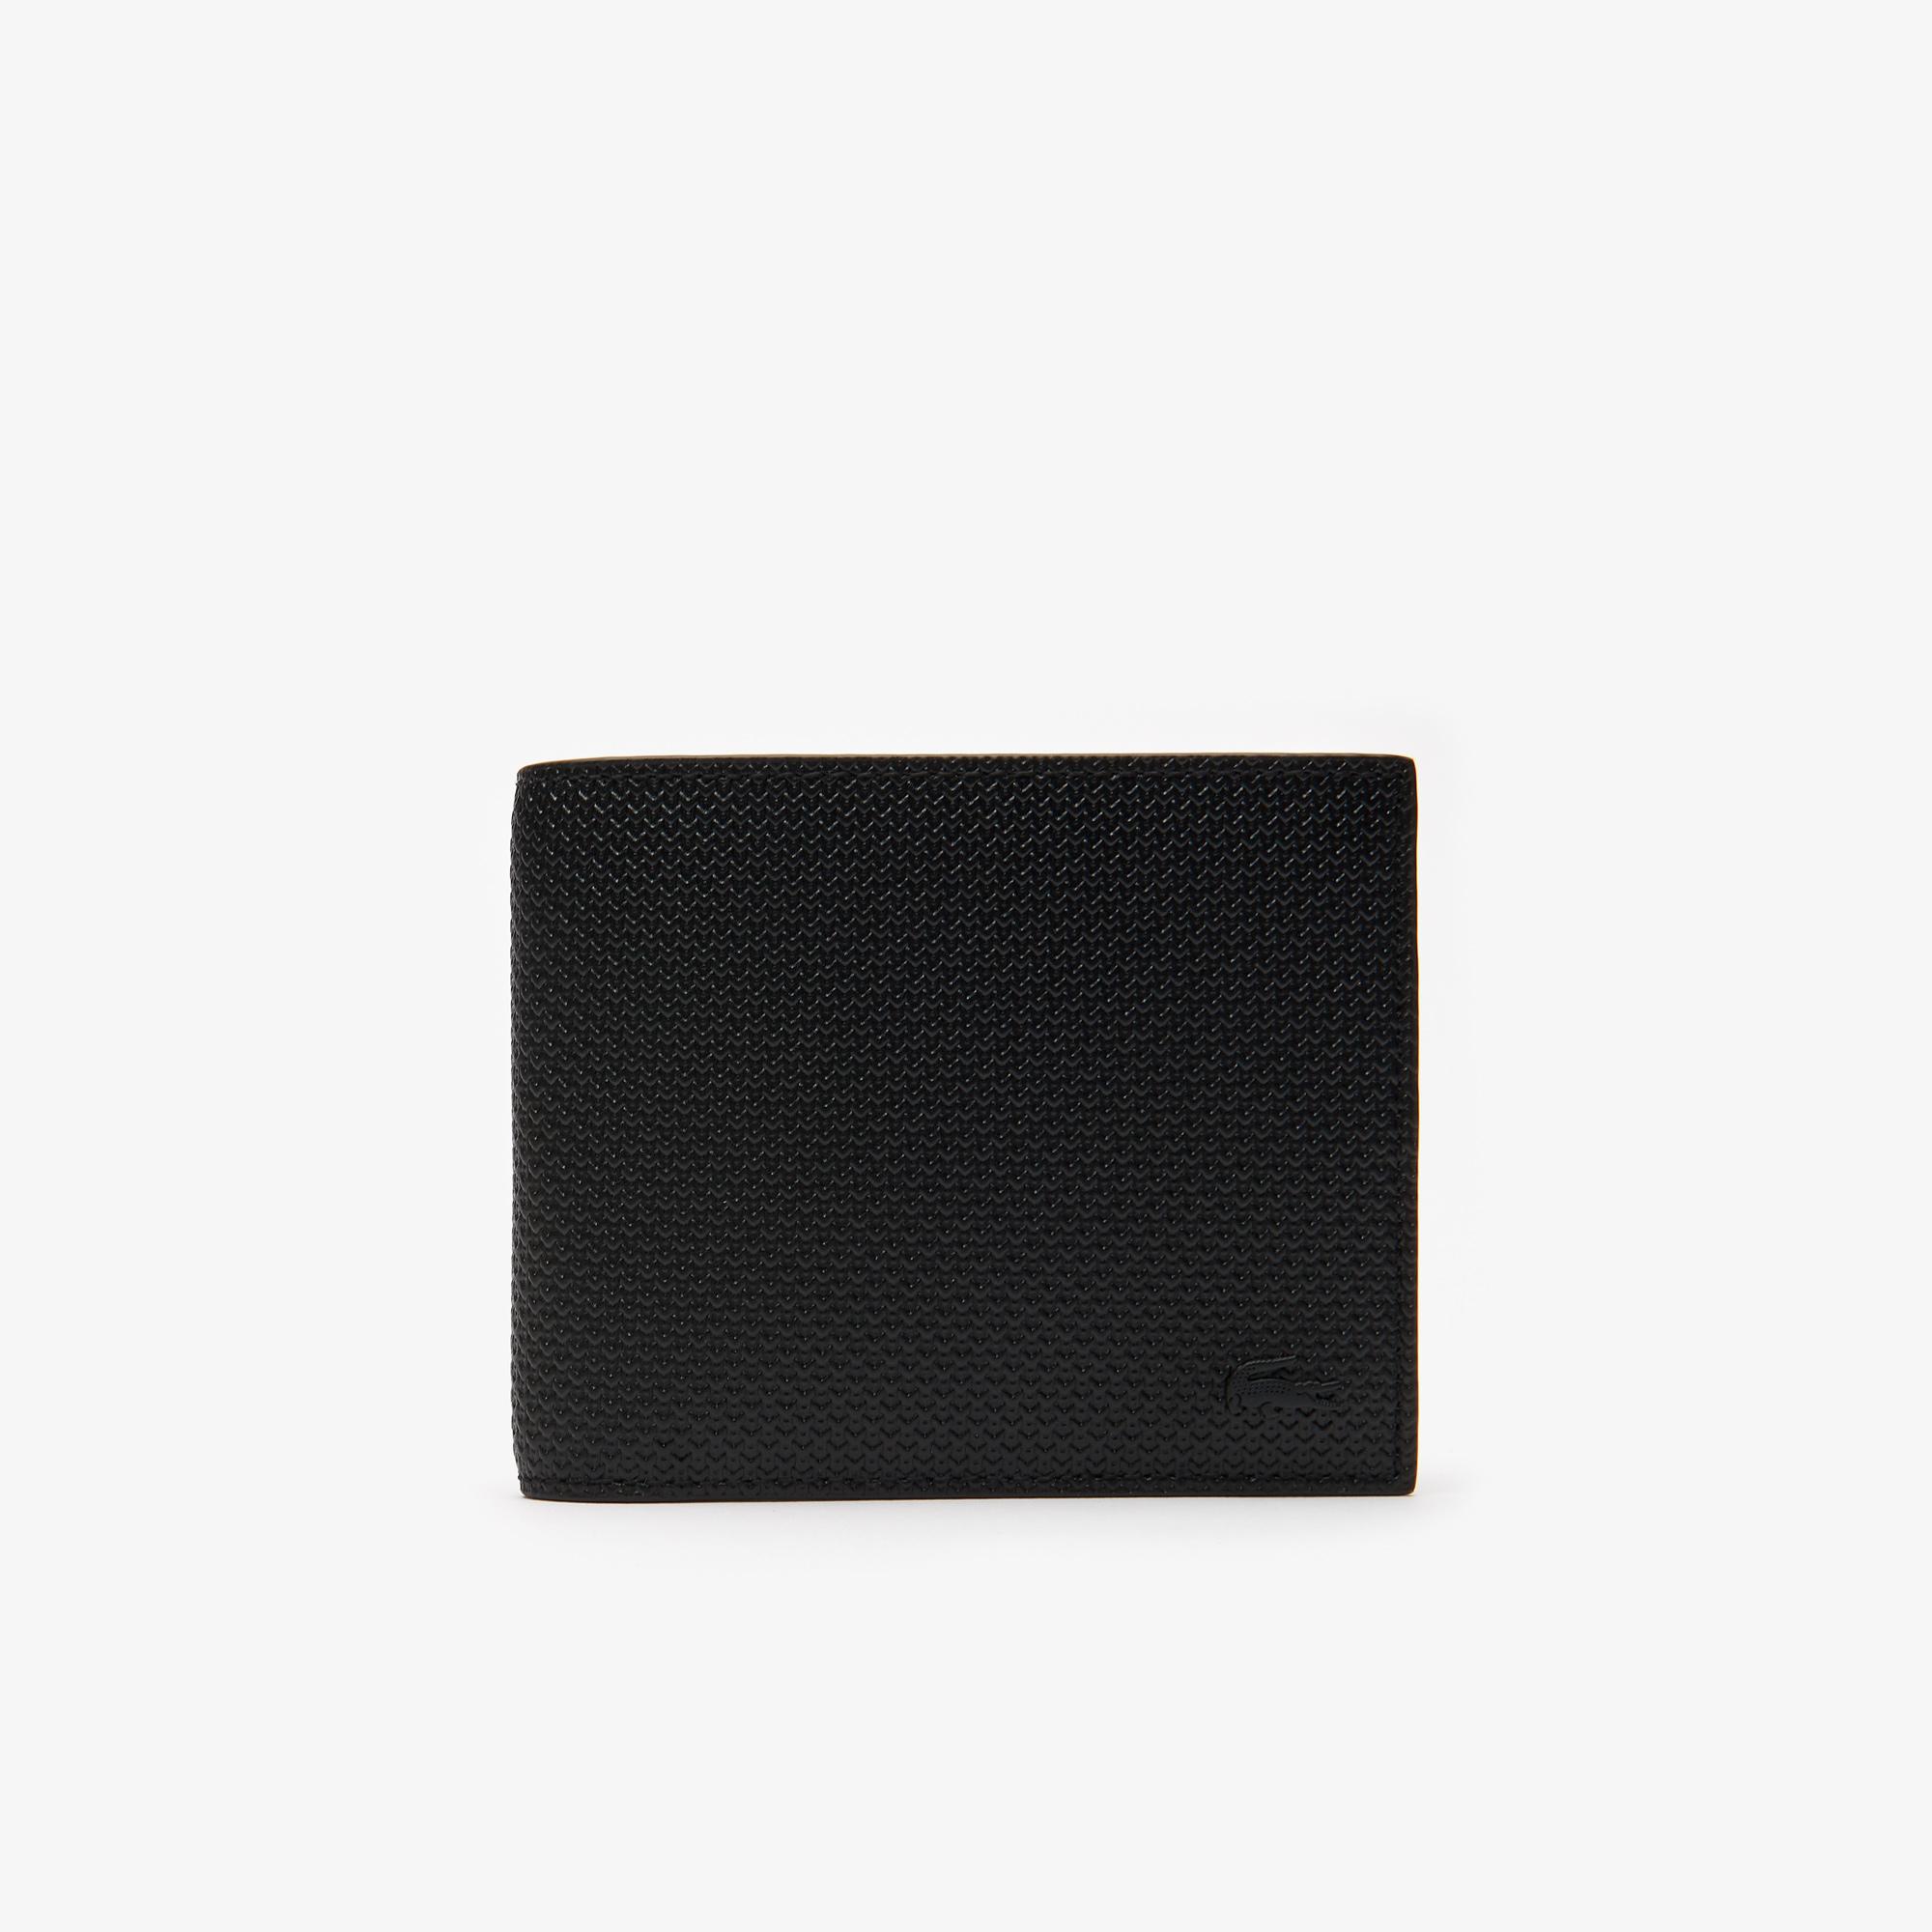 Сумка LacosteСумки и кошельки<br>Детали: 8 отделения для карт;\Отделение для банкнот;\Отделение для мелочи;\Размеры: 10,5 х 10,5 х 0,5 см;\Металлический логотип Lacoste в тон изделия\Материал: 100% пресованная коровья кожа